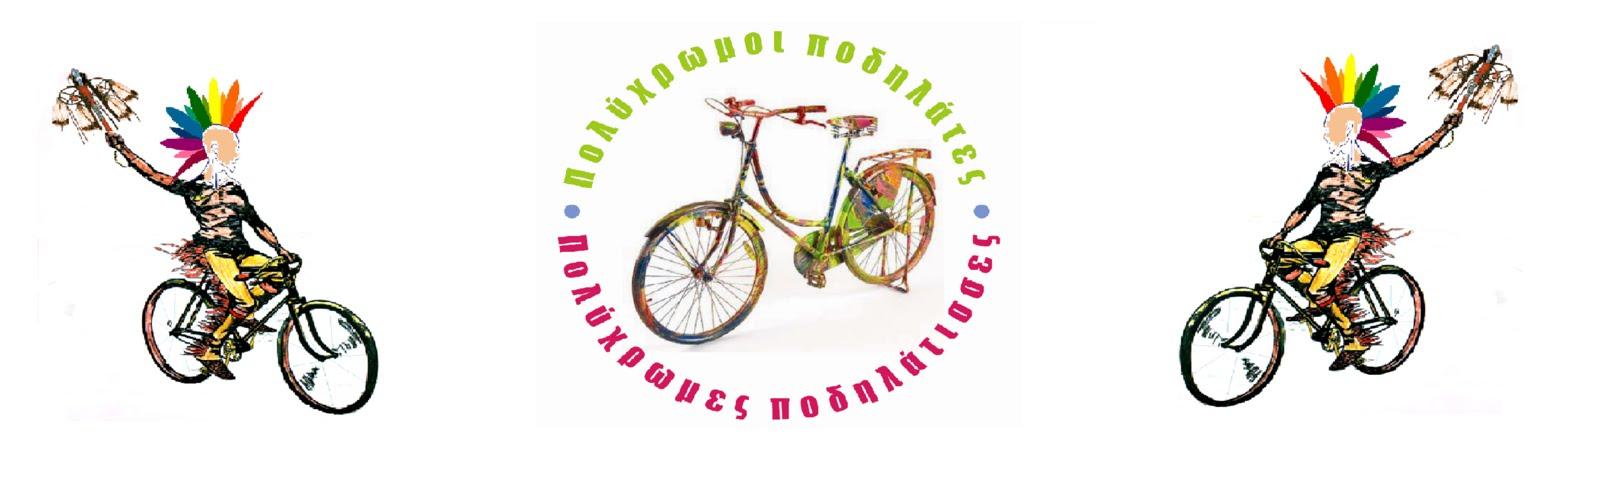 Πολύχρωμοι Ποδηλάτες